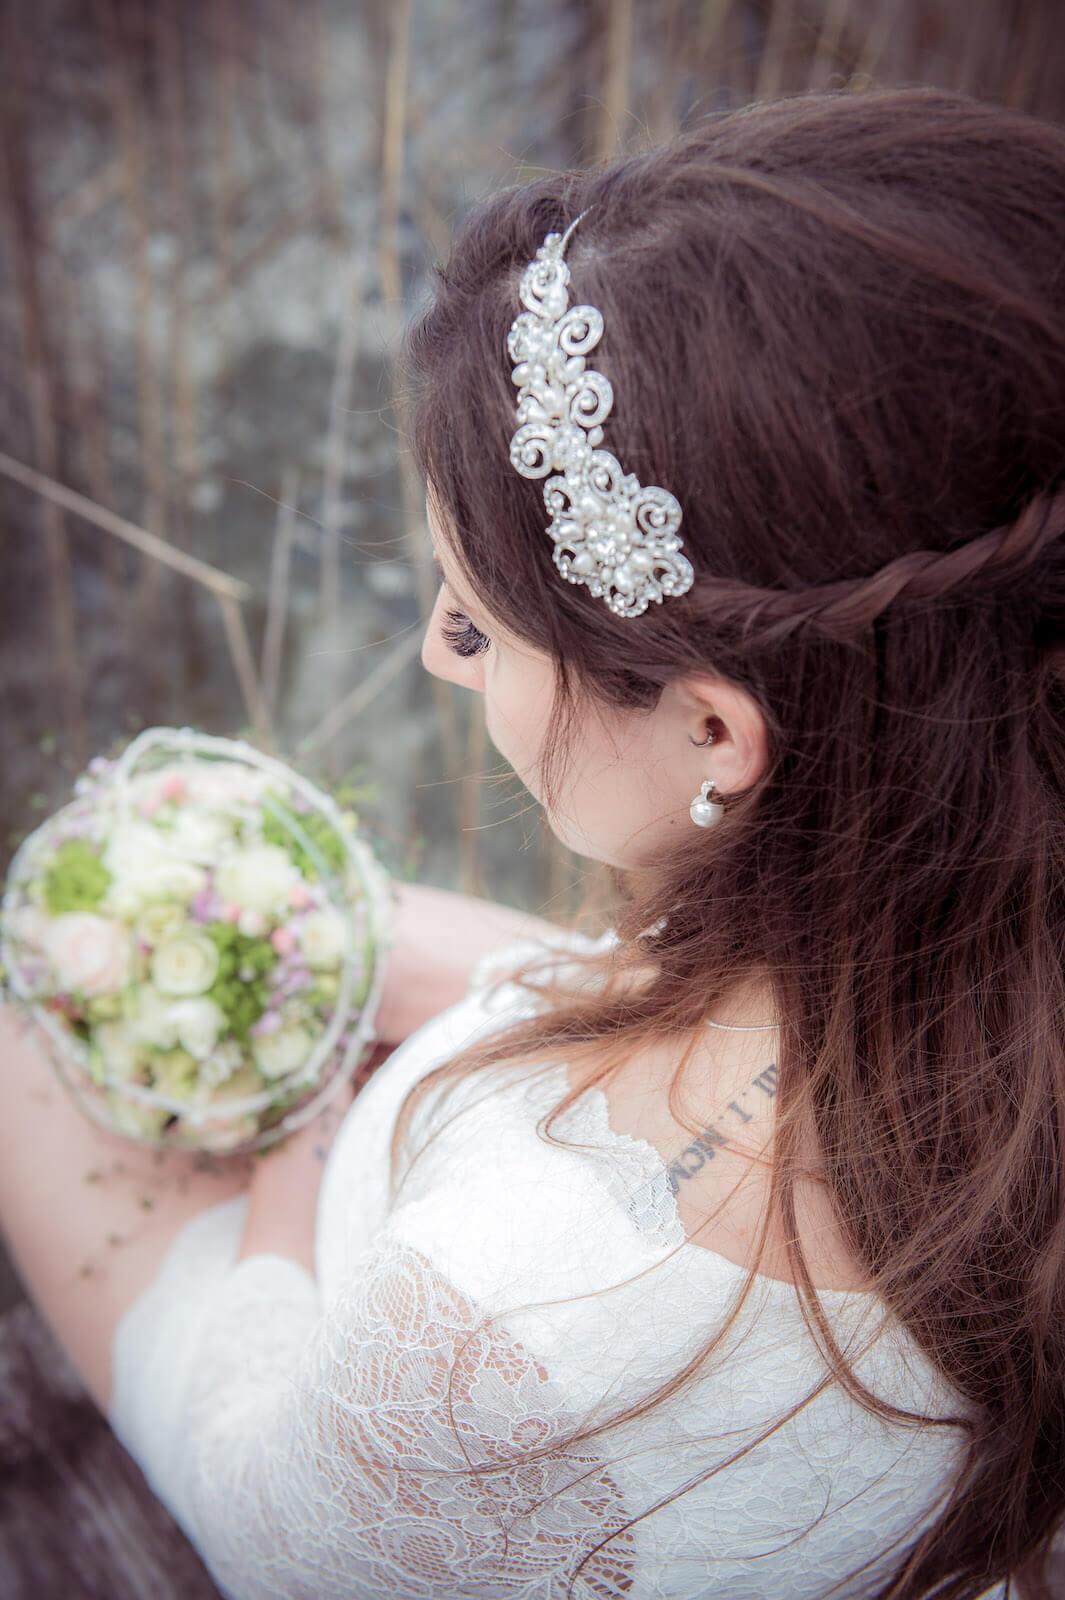 Hochzeit mit Babybauch - Braut mit ihrem Brautstrauß